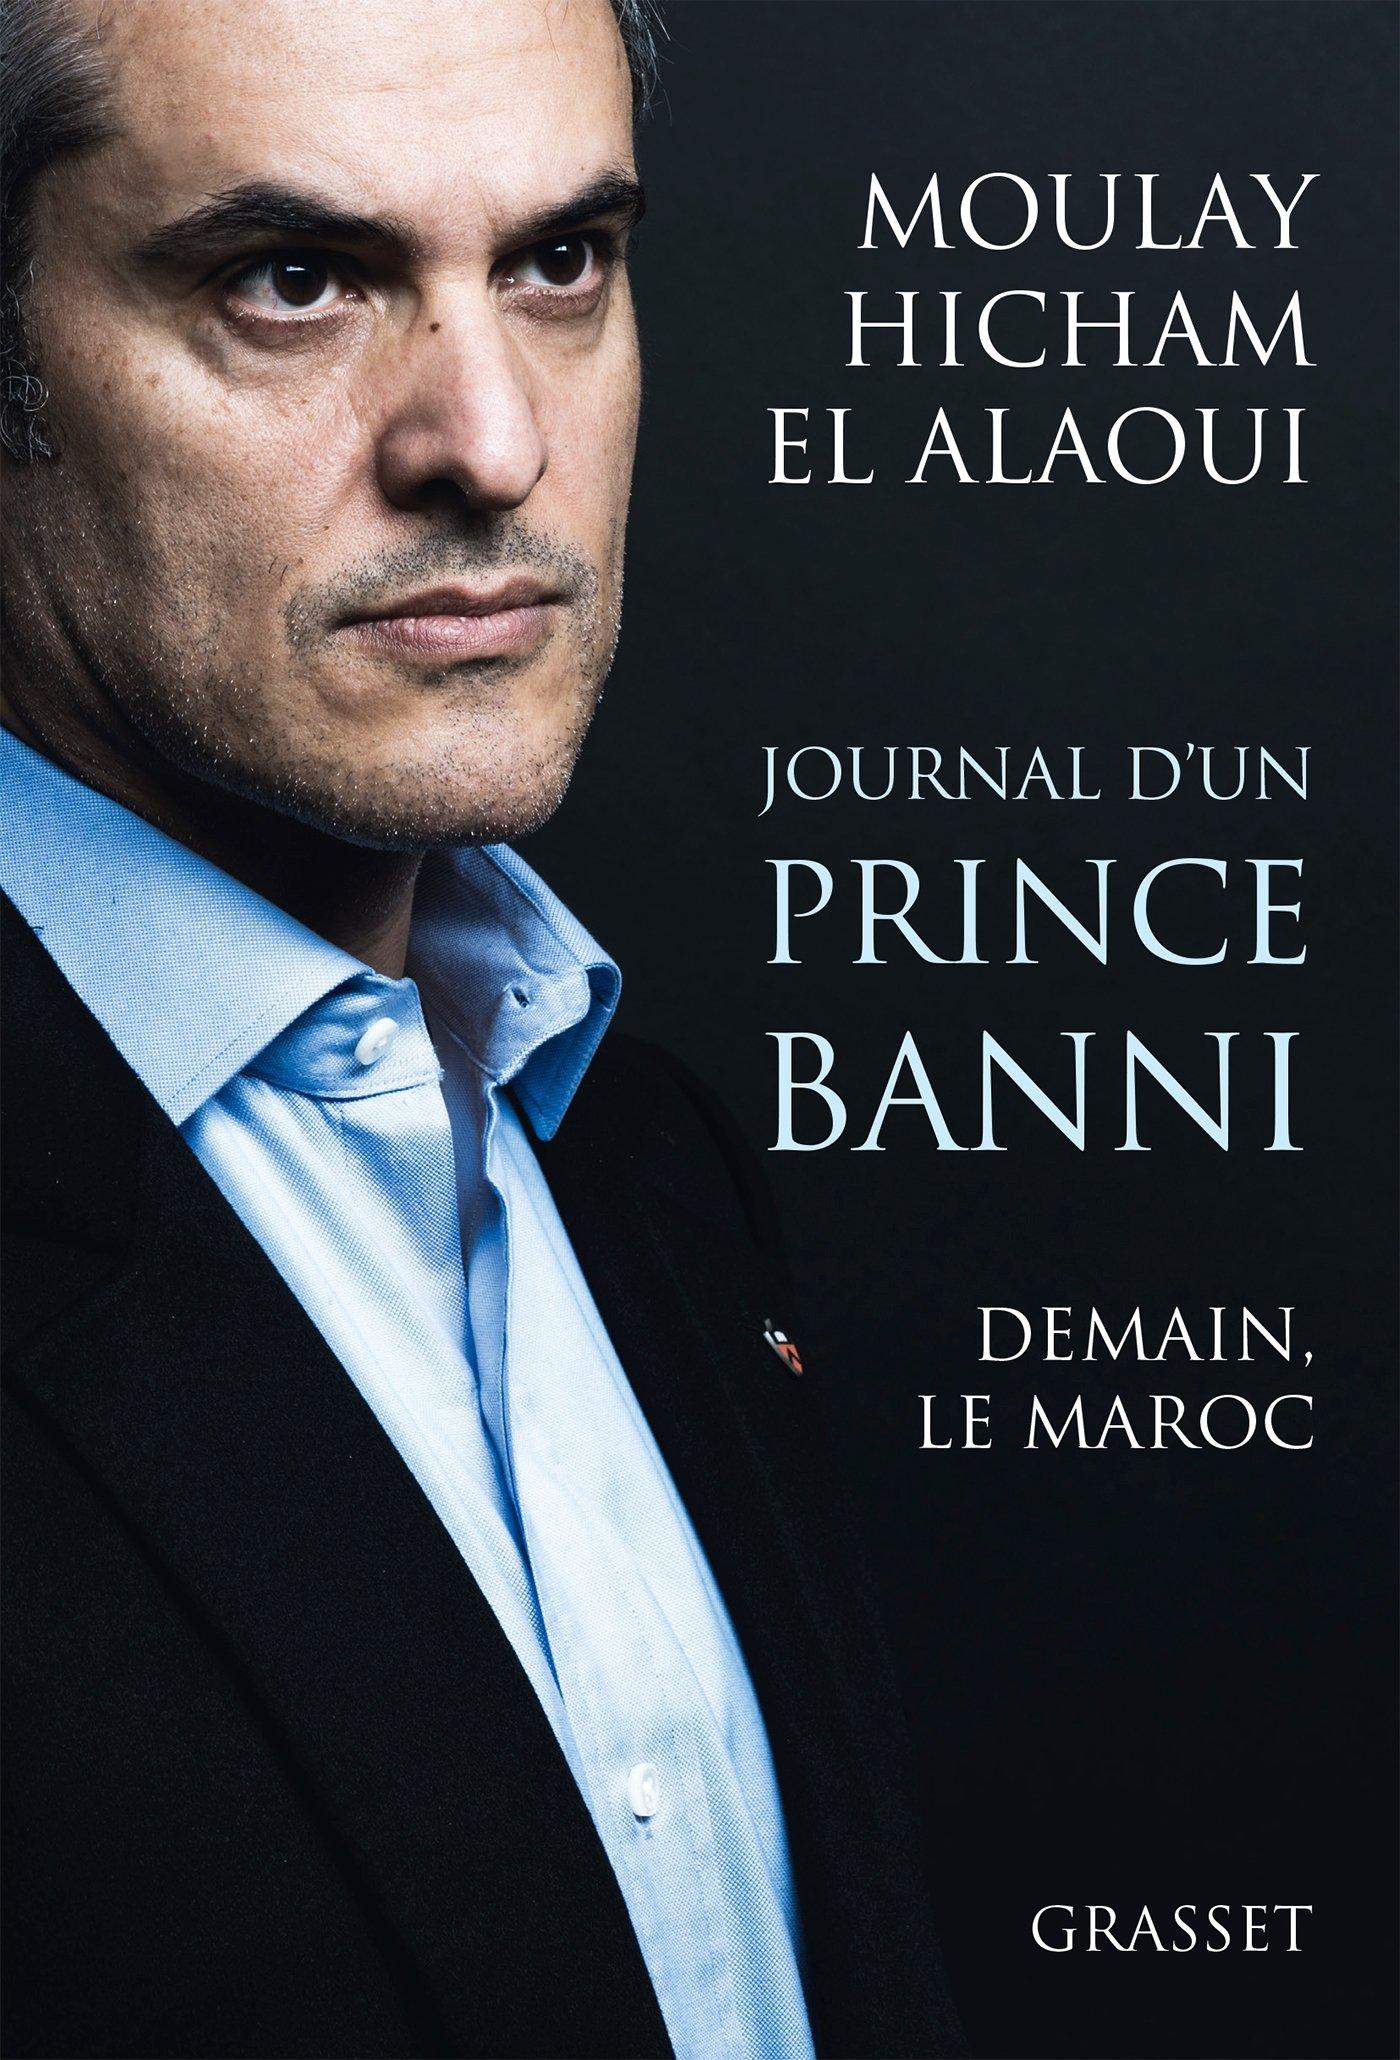 Journal d'un prince banni : Demain, le Maroc